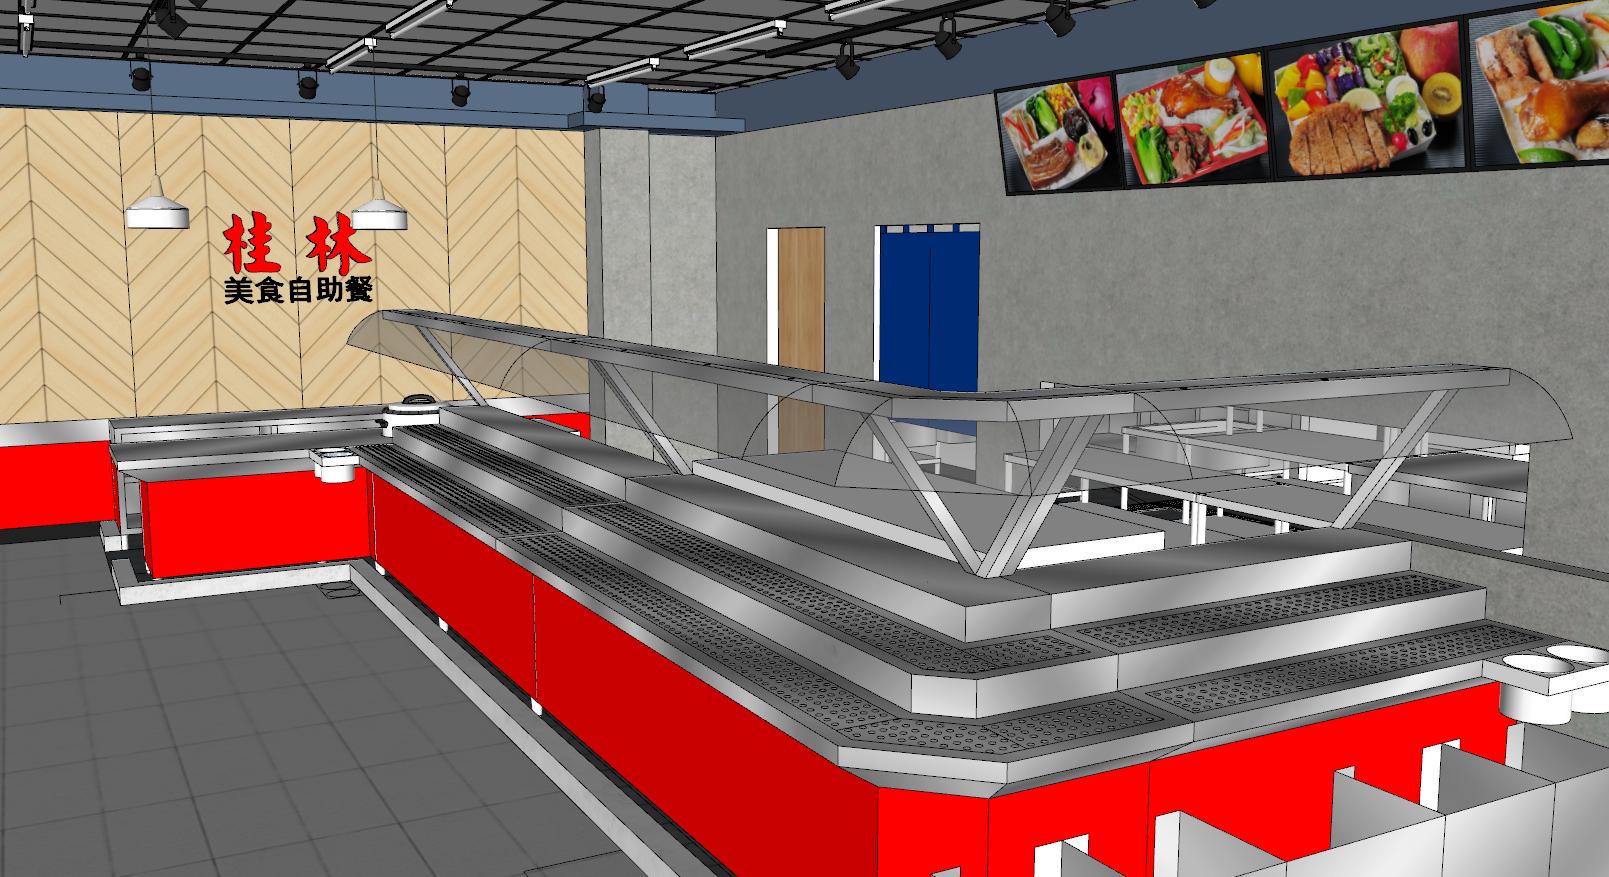 中央廚房設備,中央廚房設備廠商,中央廚房設備店家,高雄中央廚房設備